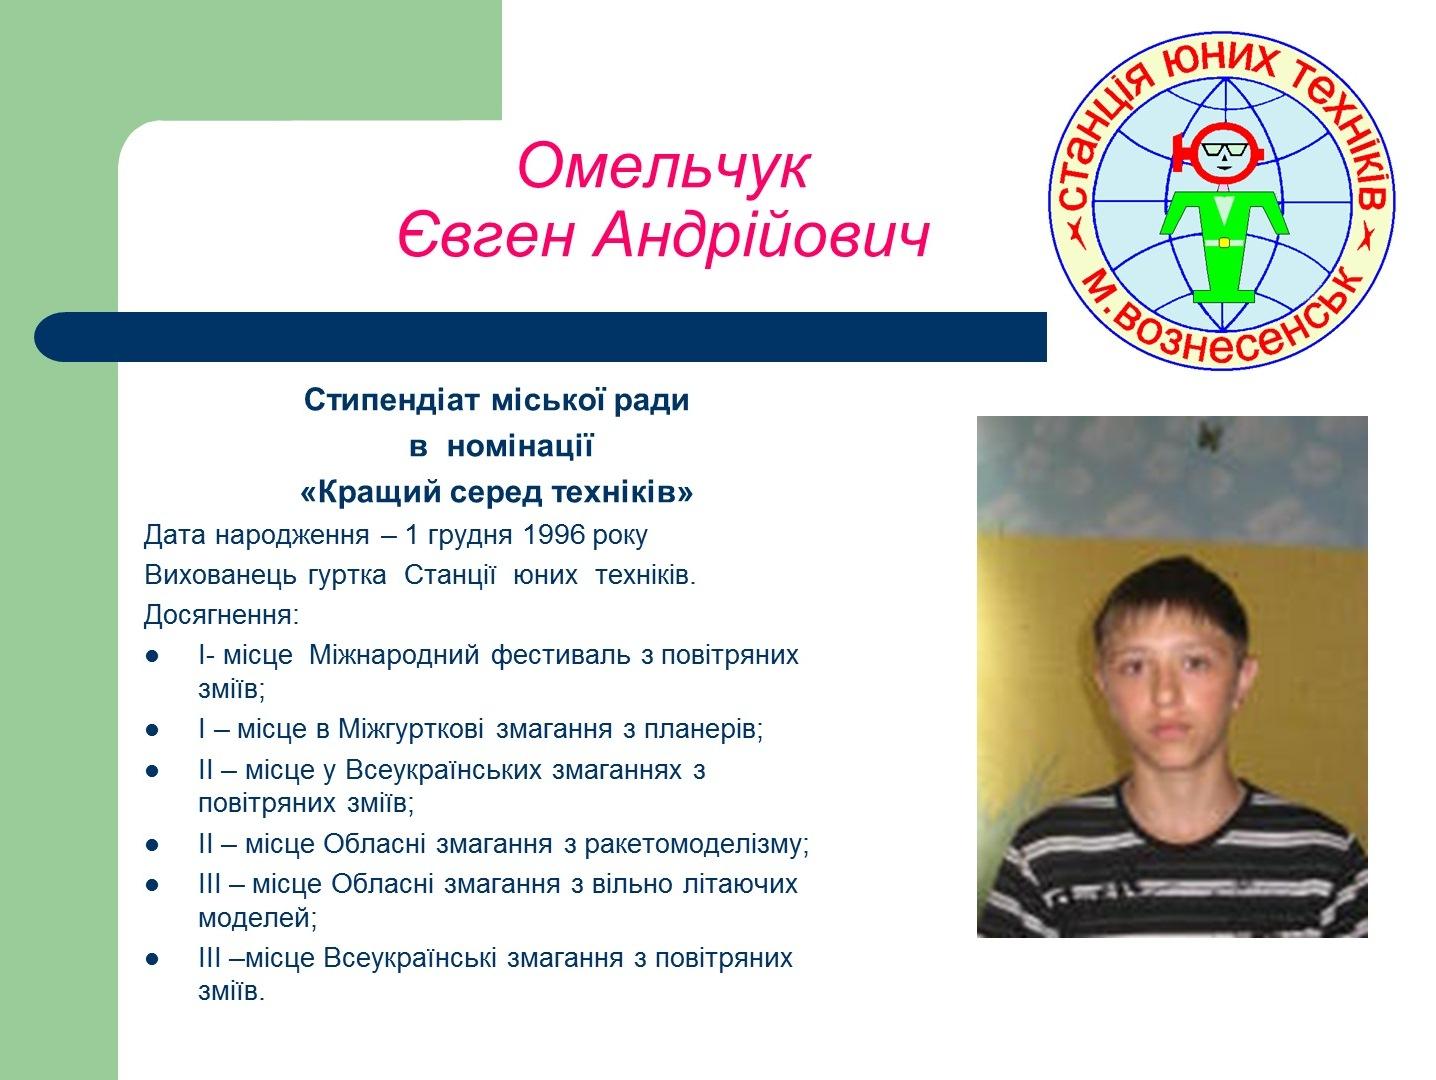 omelchuk